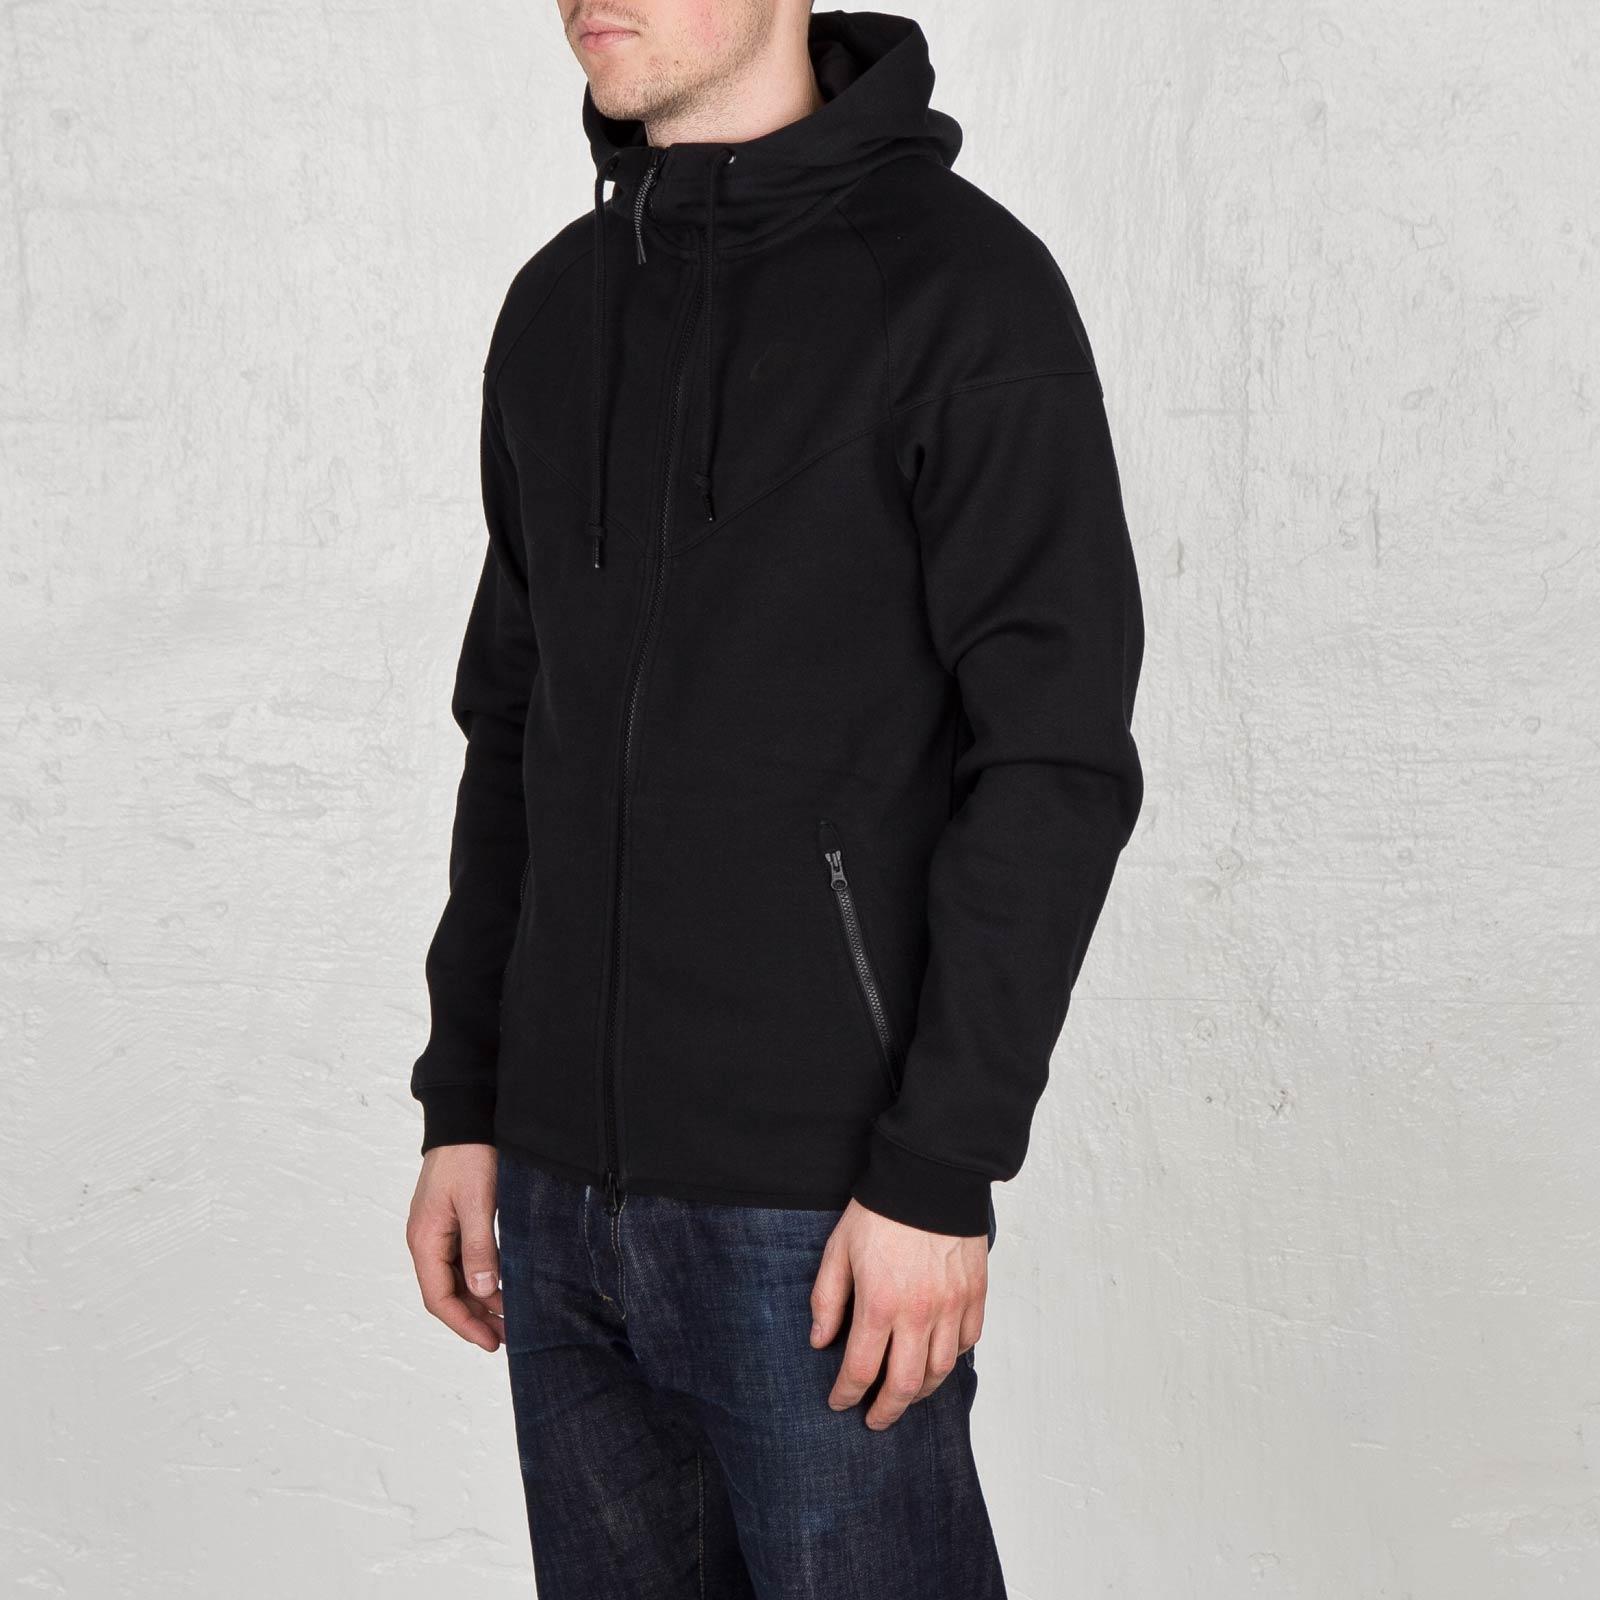 Nike Tech Fleece Windrunner-1M - 545277